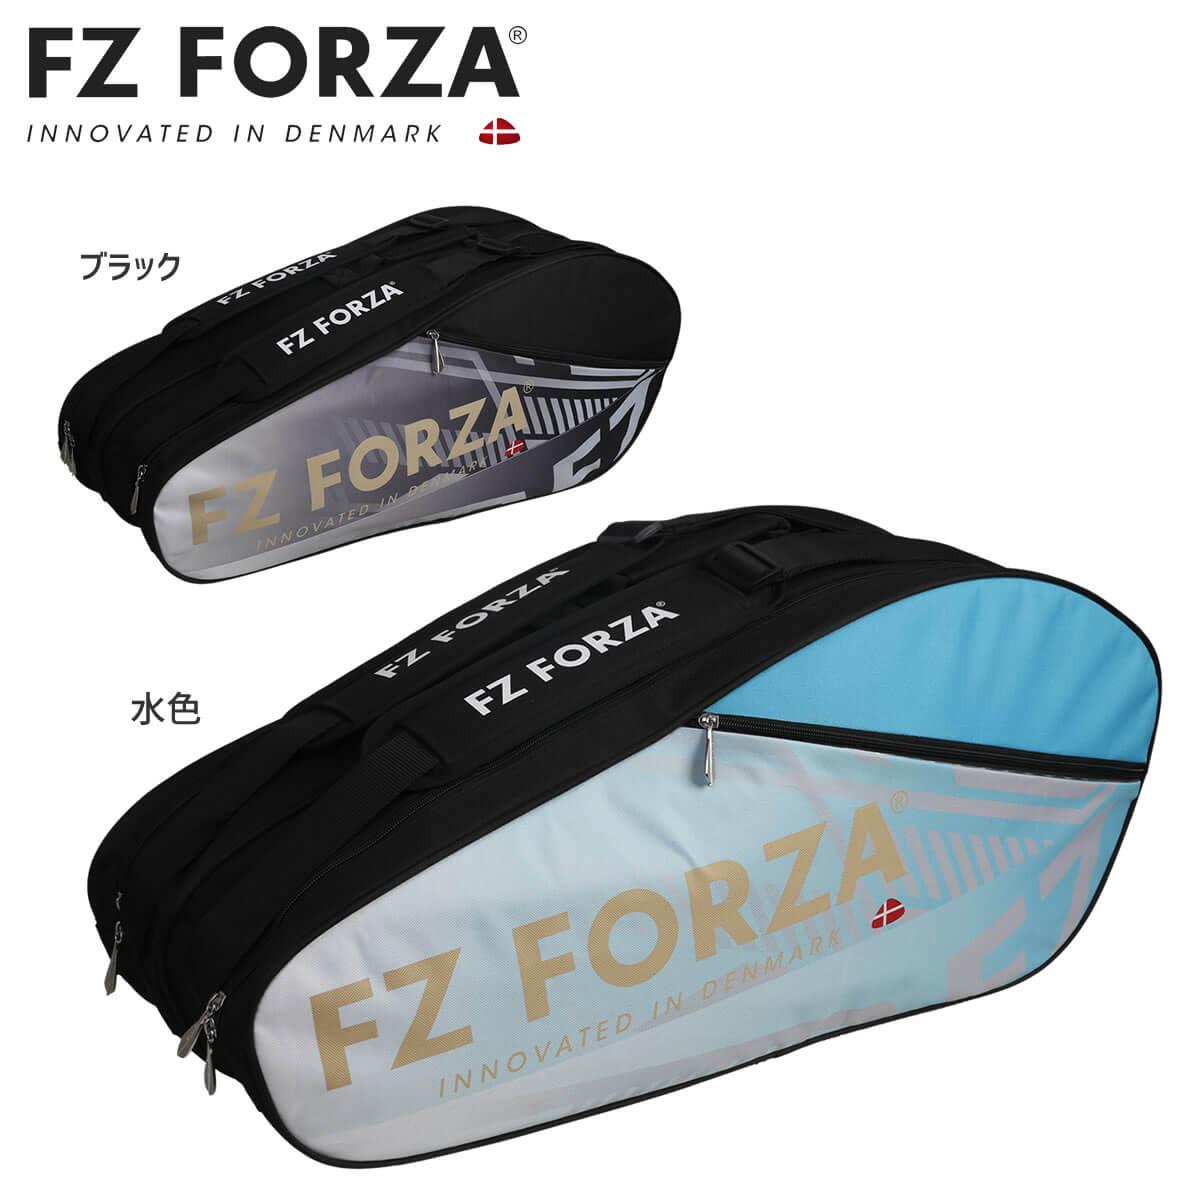 FZ FORZA 302814 ラケットバッグ(6本入) バドミントンバッグ フォーザ